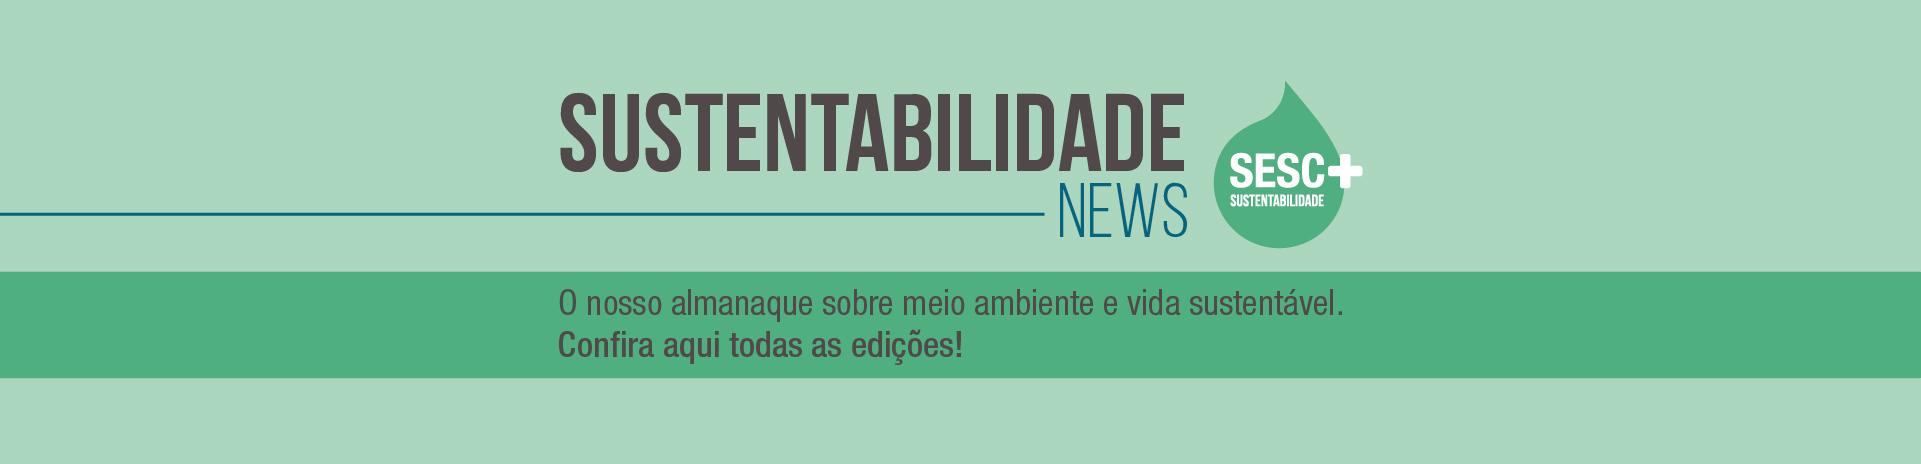 Almanaque Sustentabilidade News - destaque para as edições de 2020